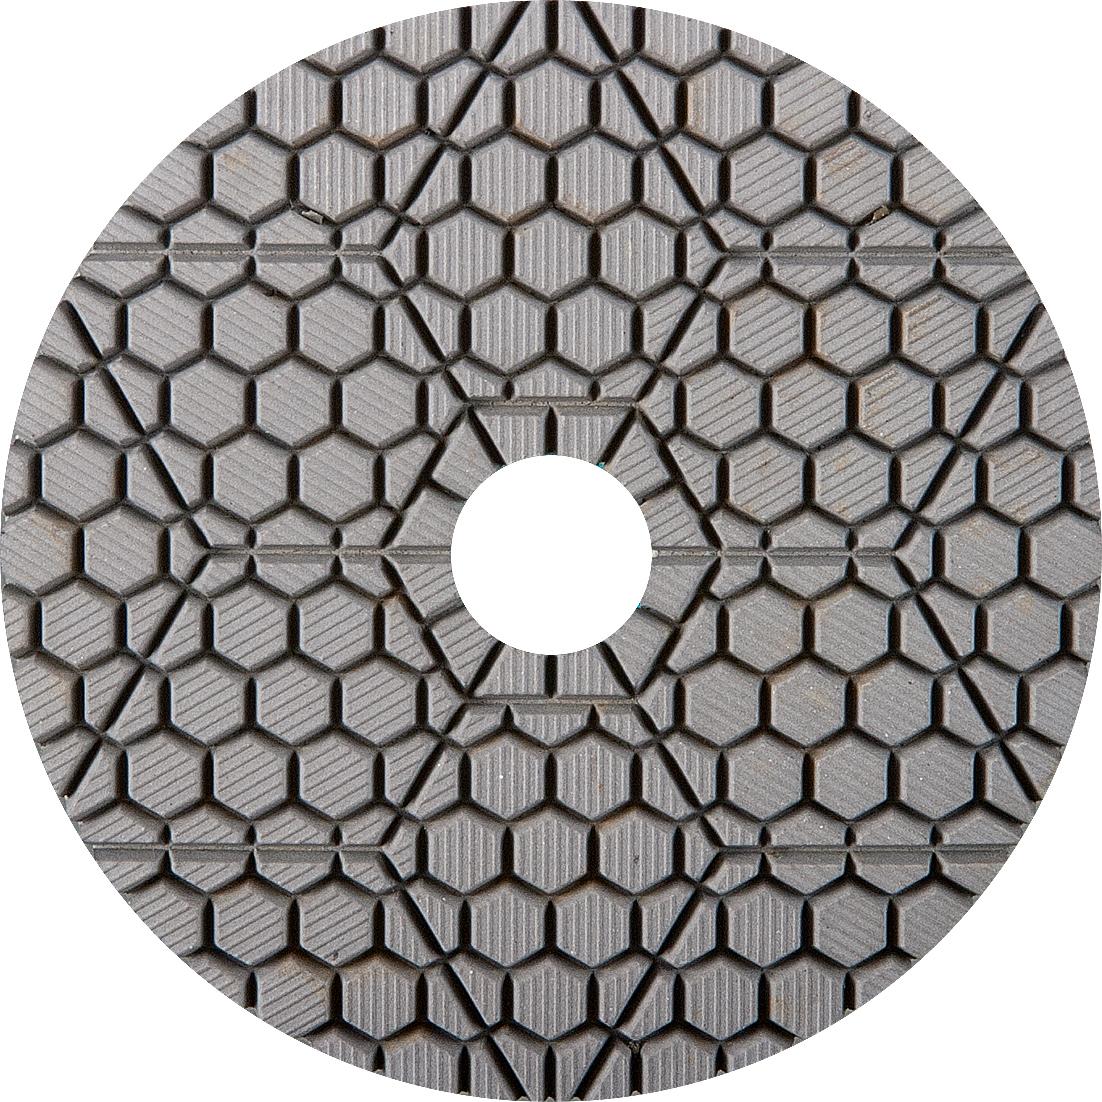 DIAREX Schleifbelag ADR 3-Step ø 100 mm | Korn 2